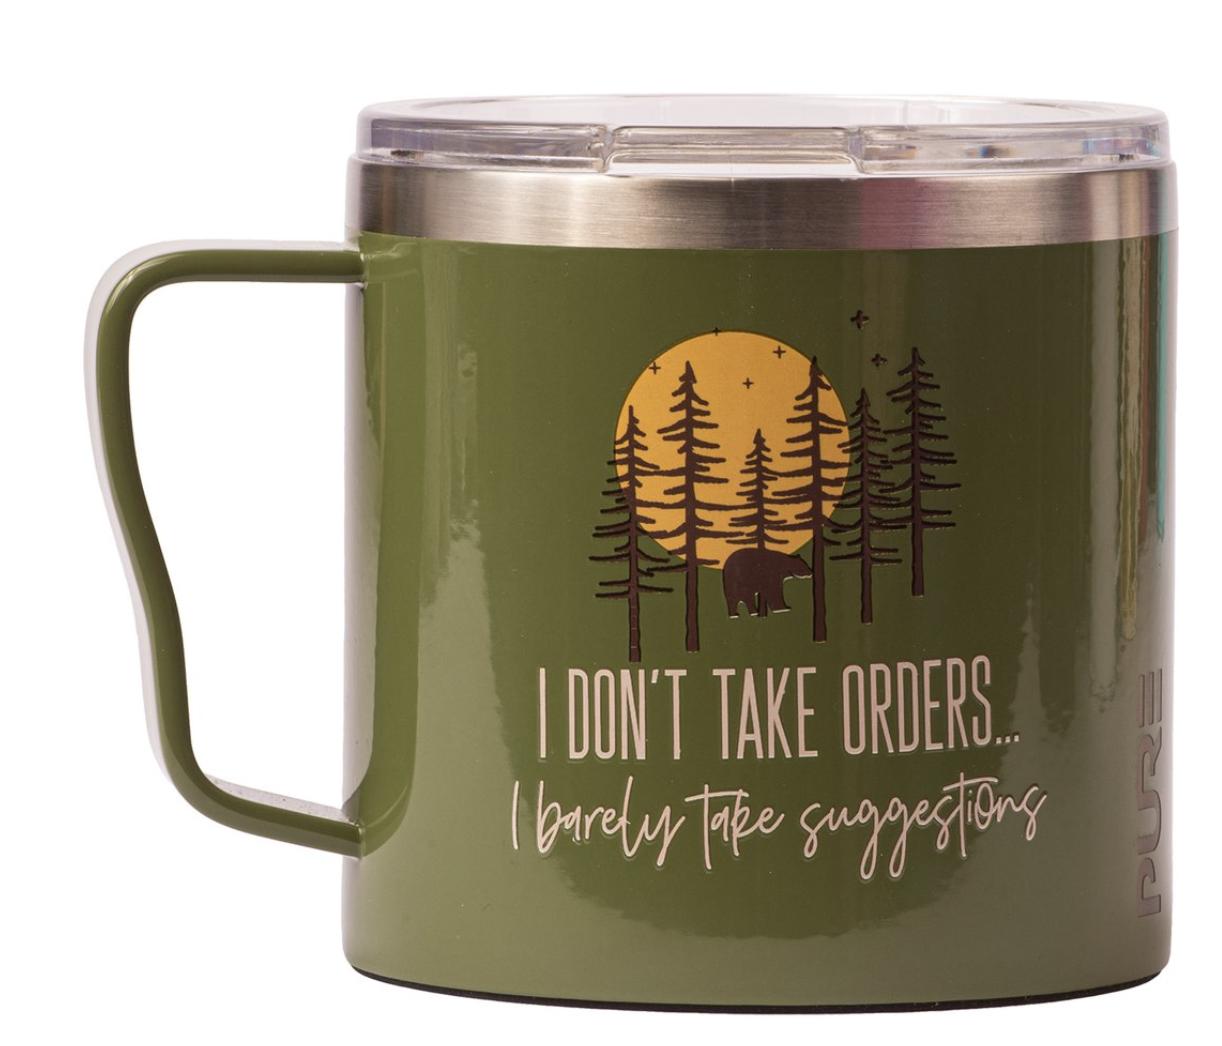 PURE Insulated Mug, 16oz, Assorted Designs